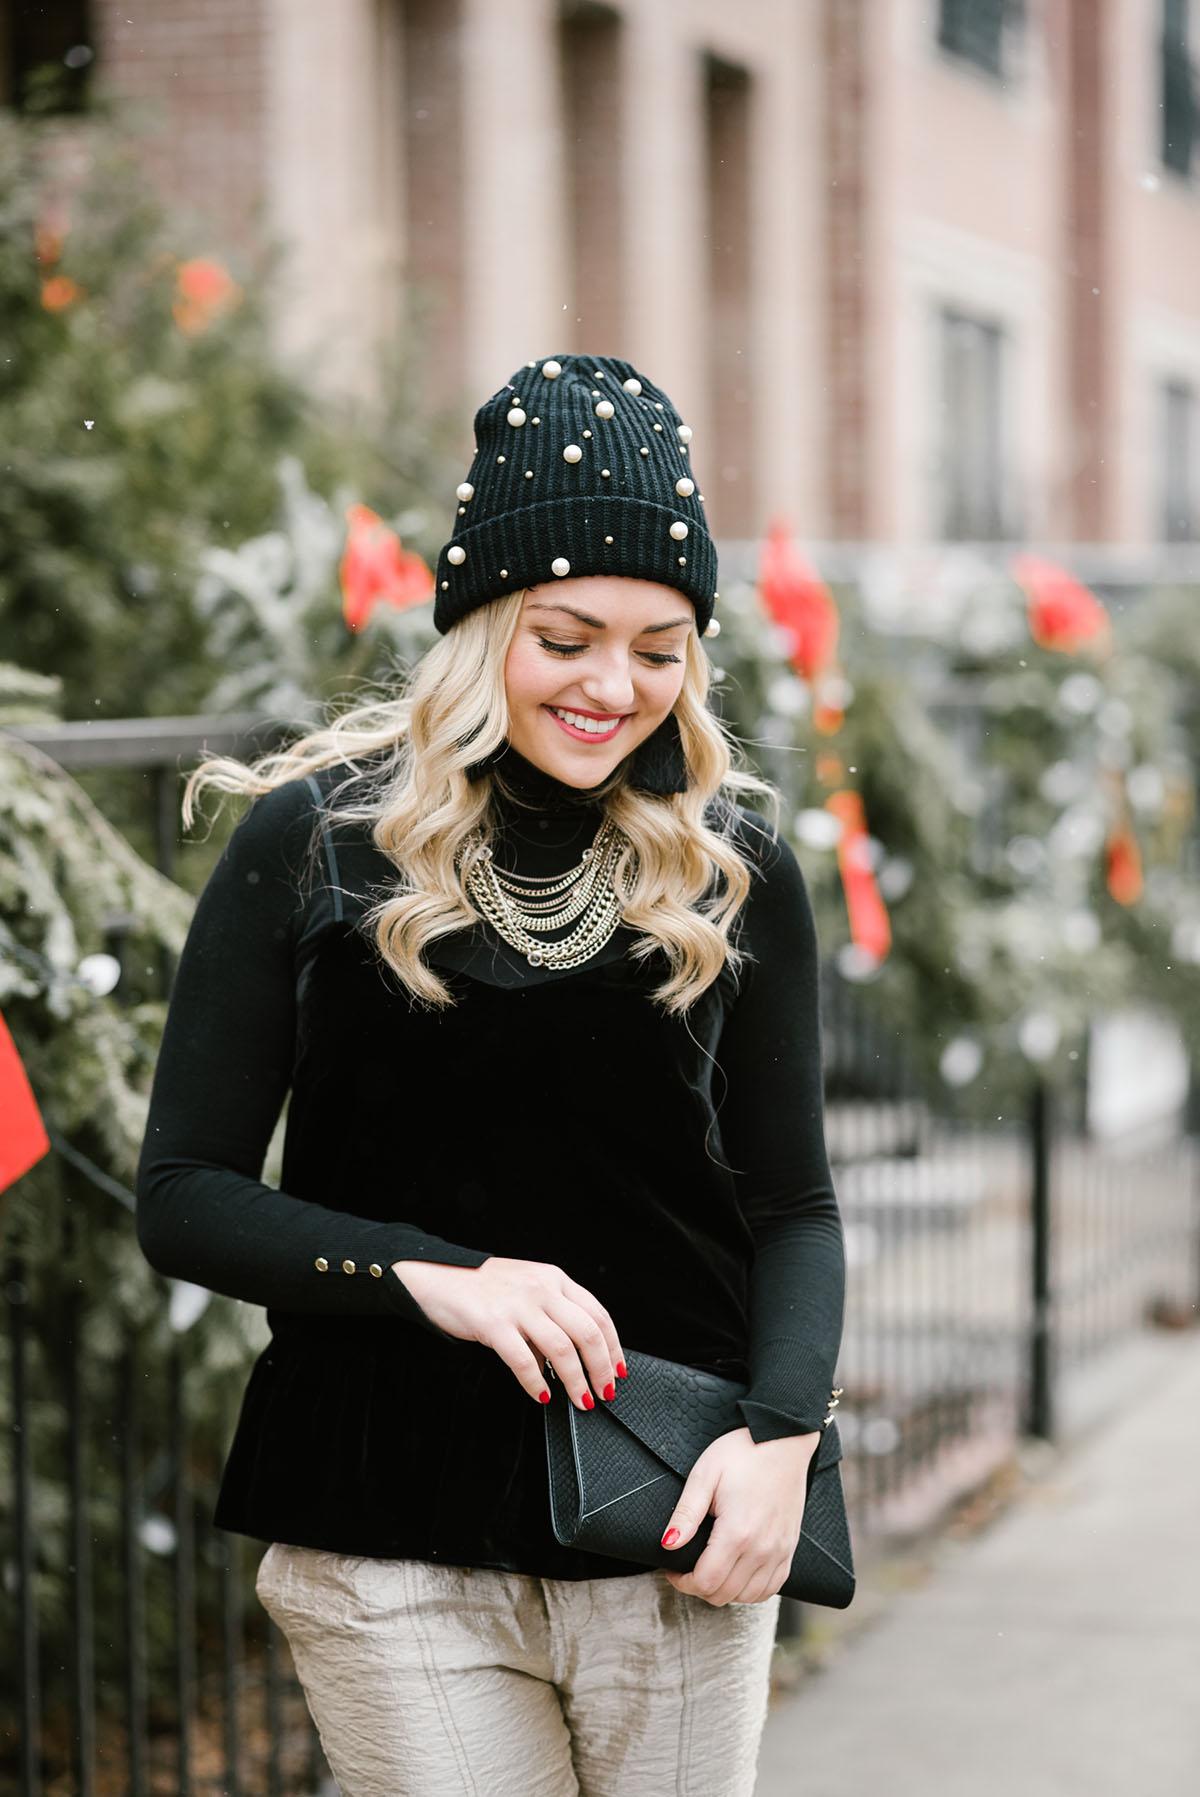 black-winter-hat-cute-outfit.jpg